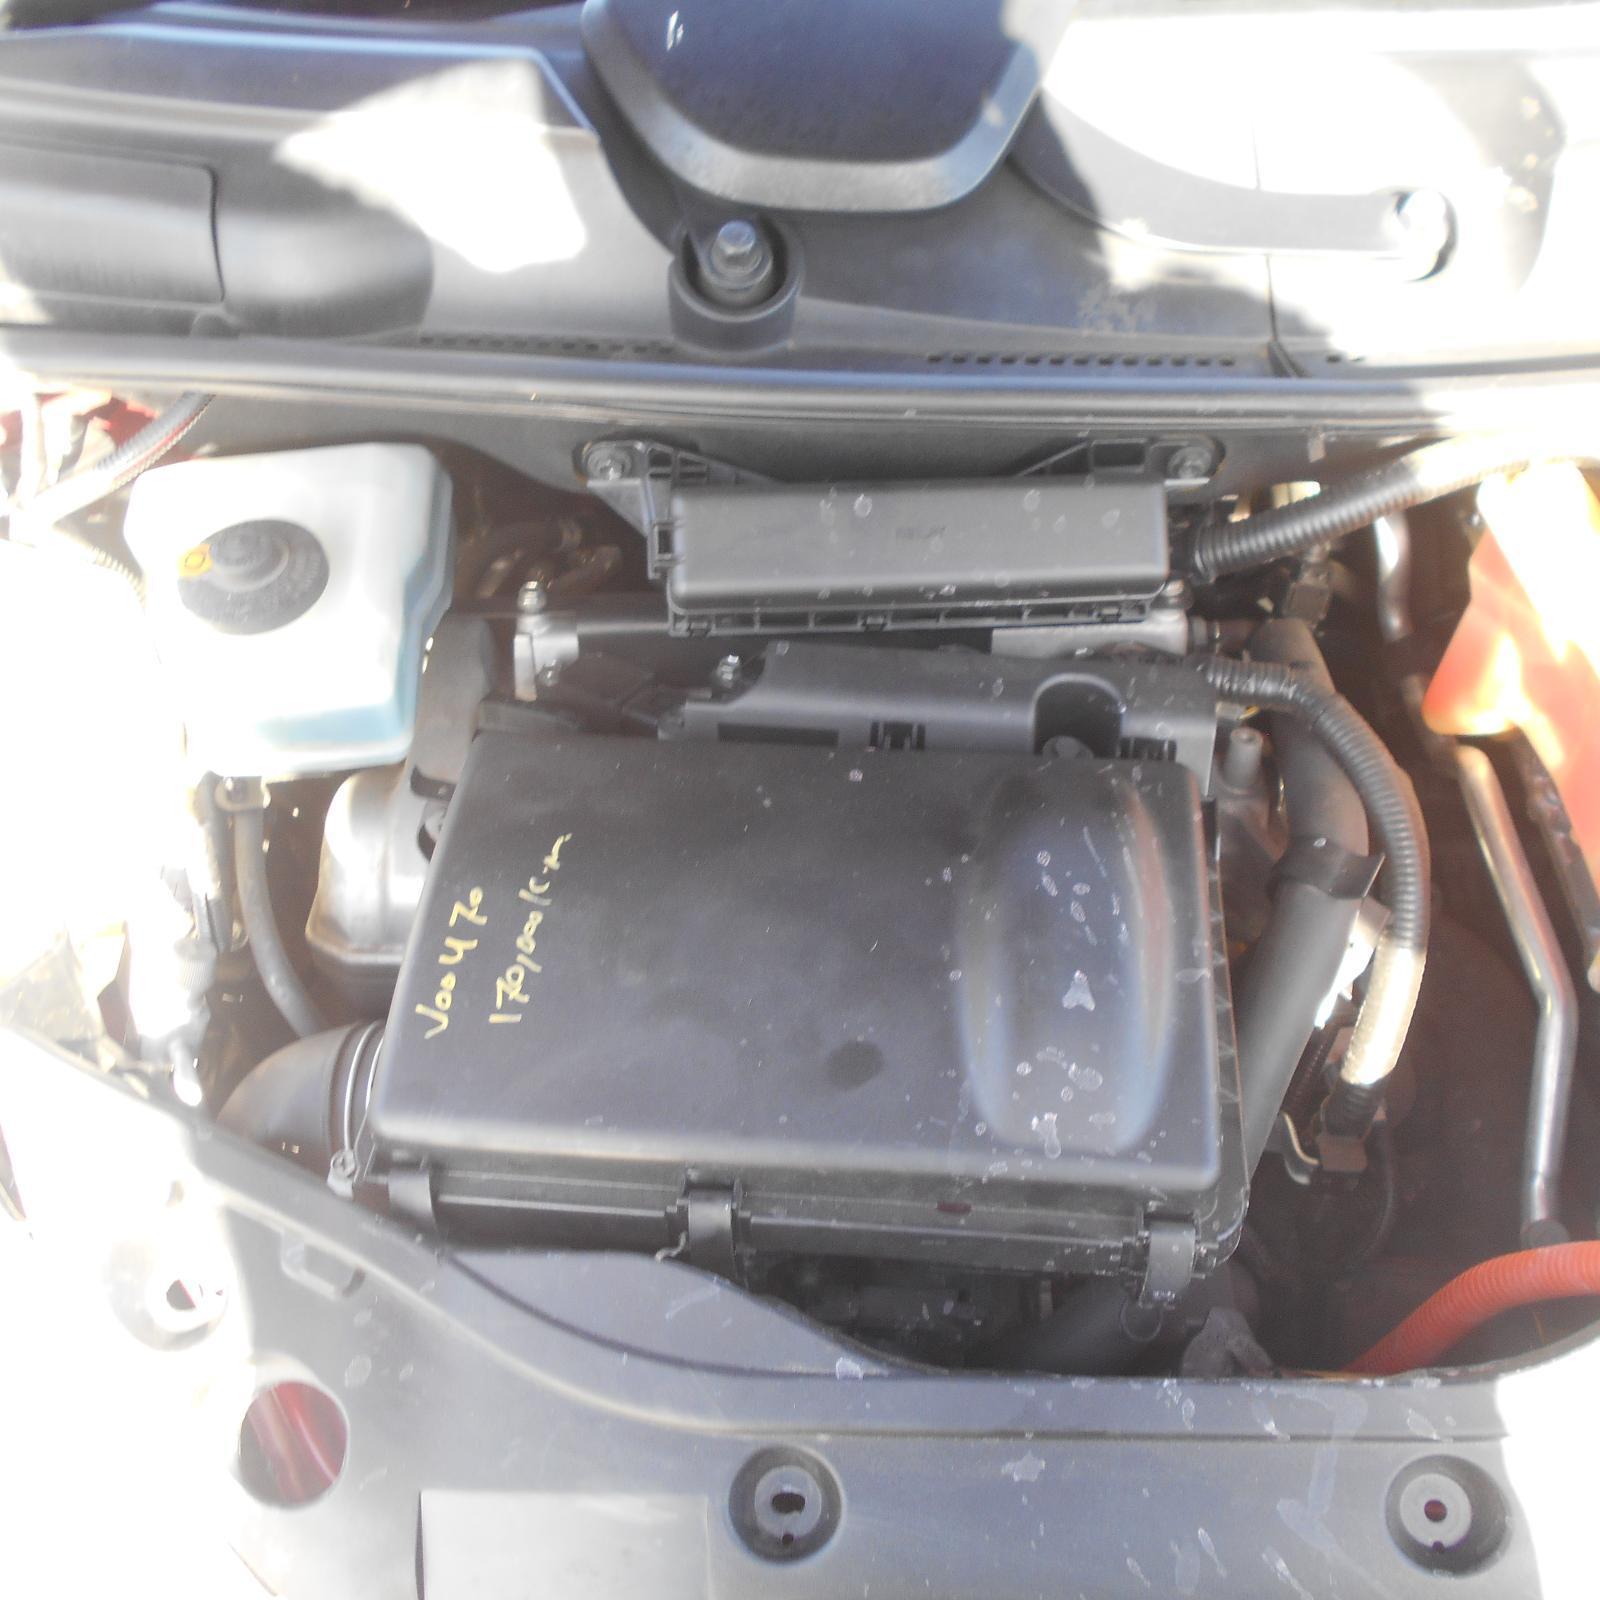 TOYOTA PRIUS, Engine, PETROL, 1.5, 1NZ-FXE, HYBRID, NHW20R, 10/03-05/09